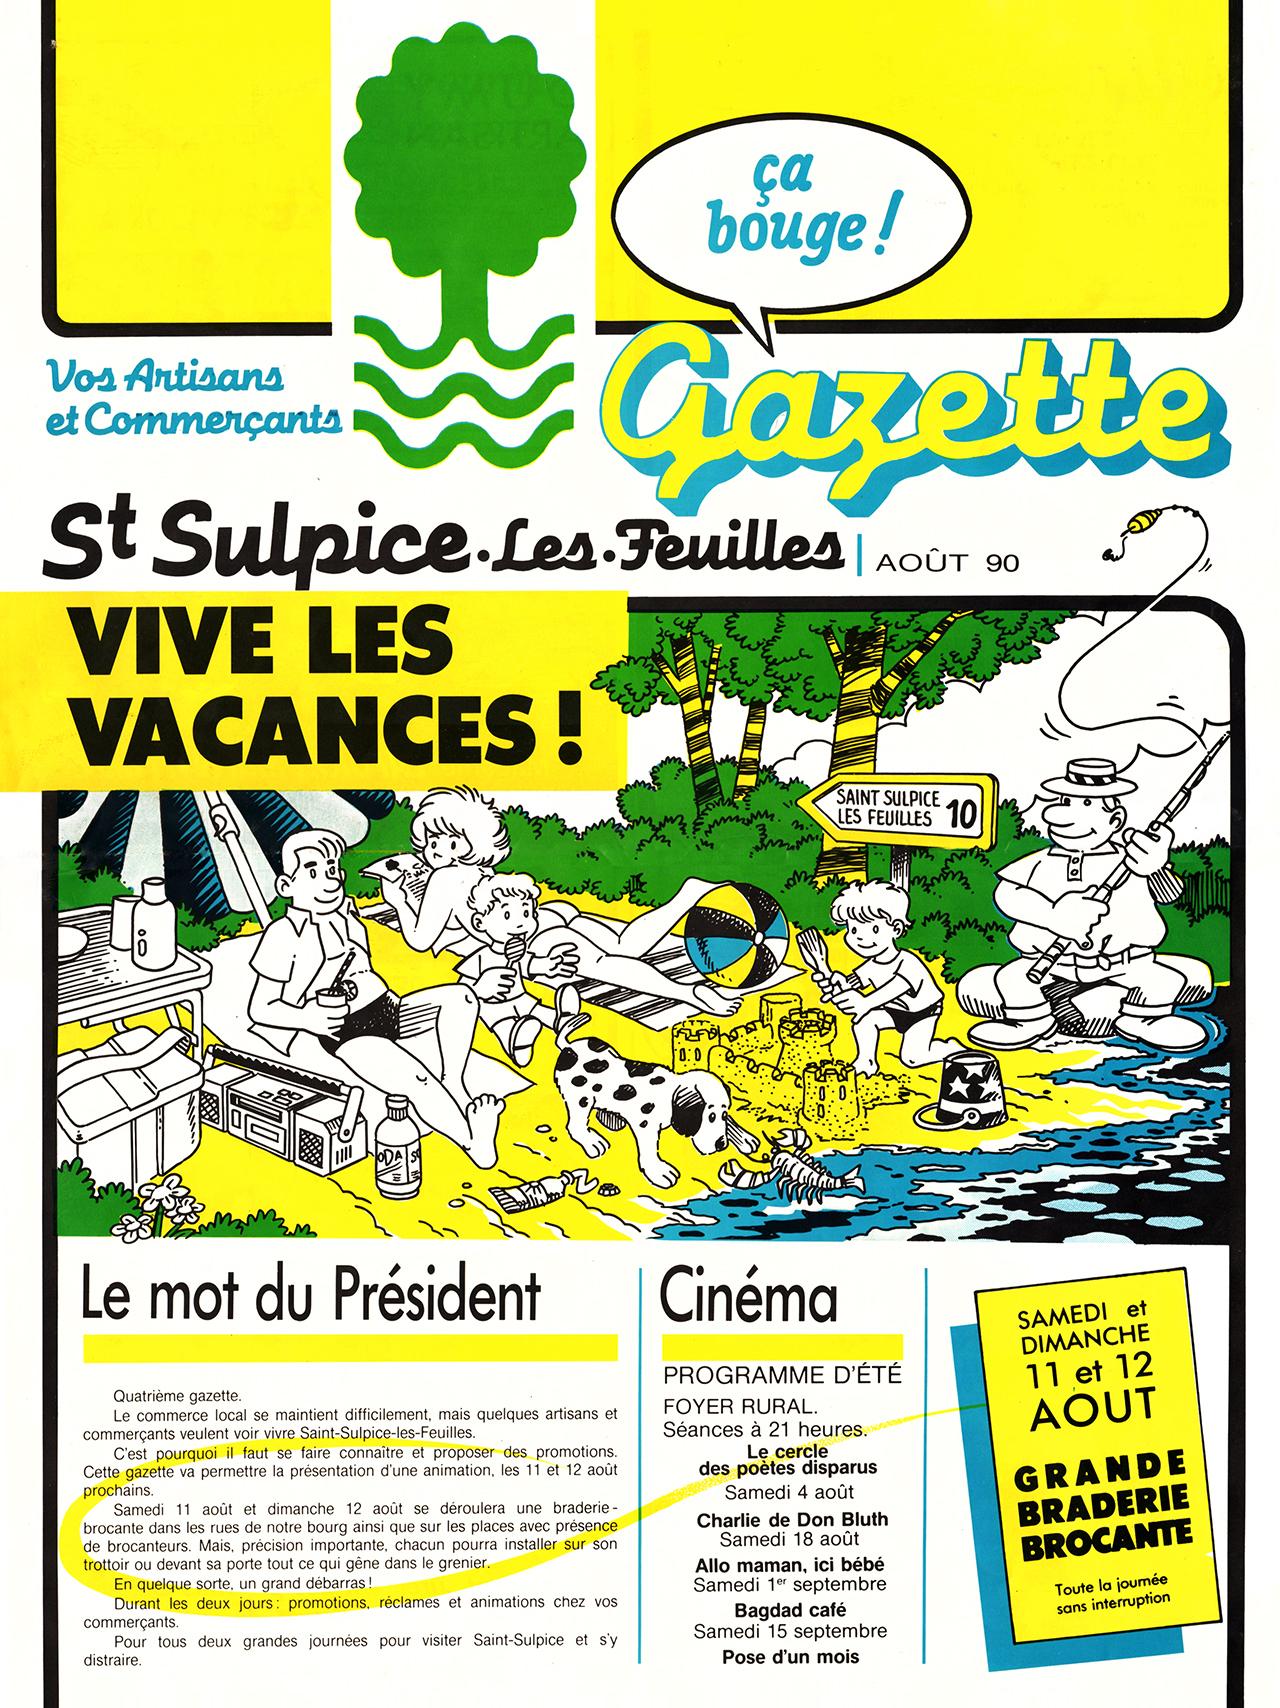 Gazette de Saint-Sulpice-Les-Feuilles-1989-95 numéro 5 Eté 1990